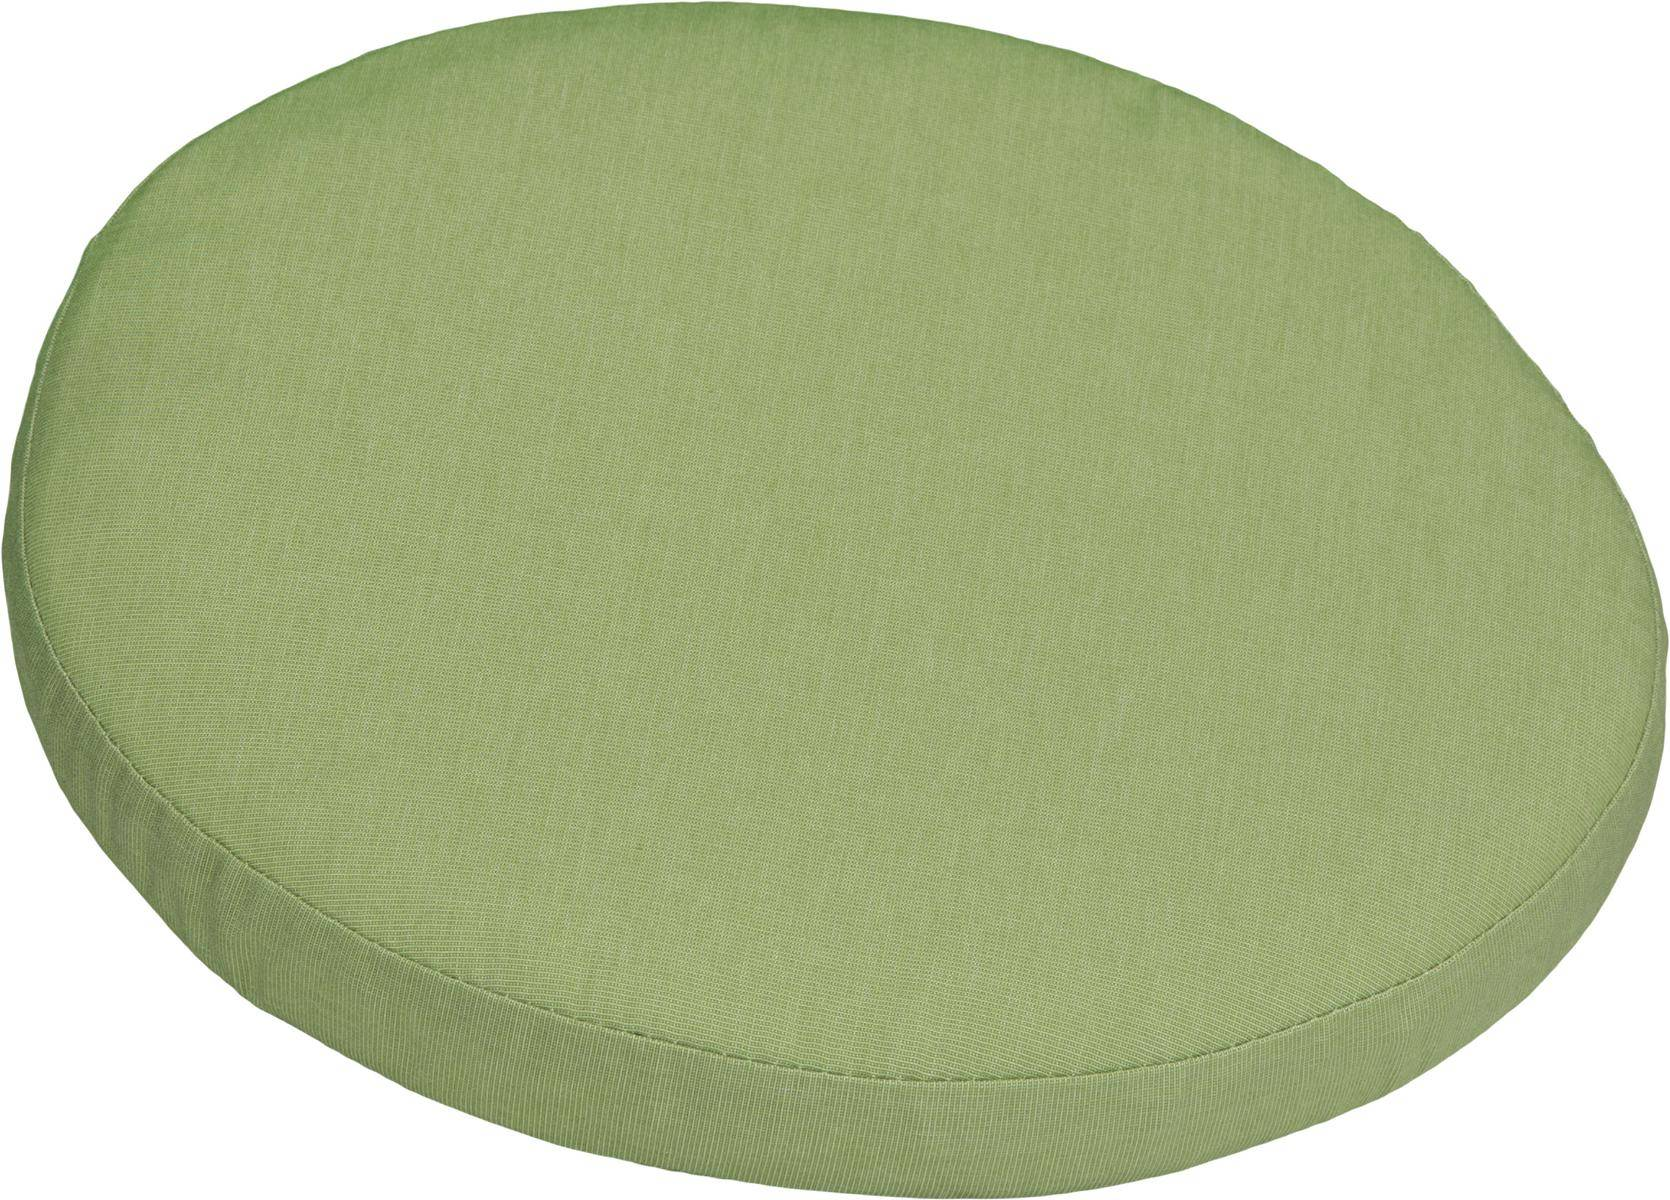 Polster für Balkonstühle rund apfelgrün Dralon Bezug 40 cm mit Reissverschluss